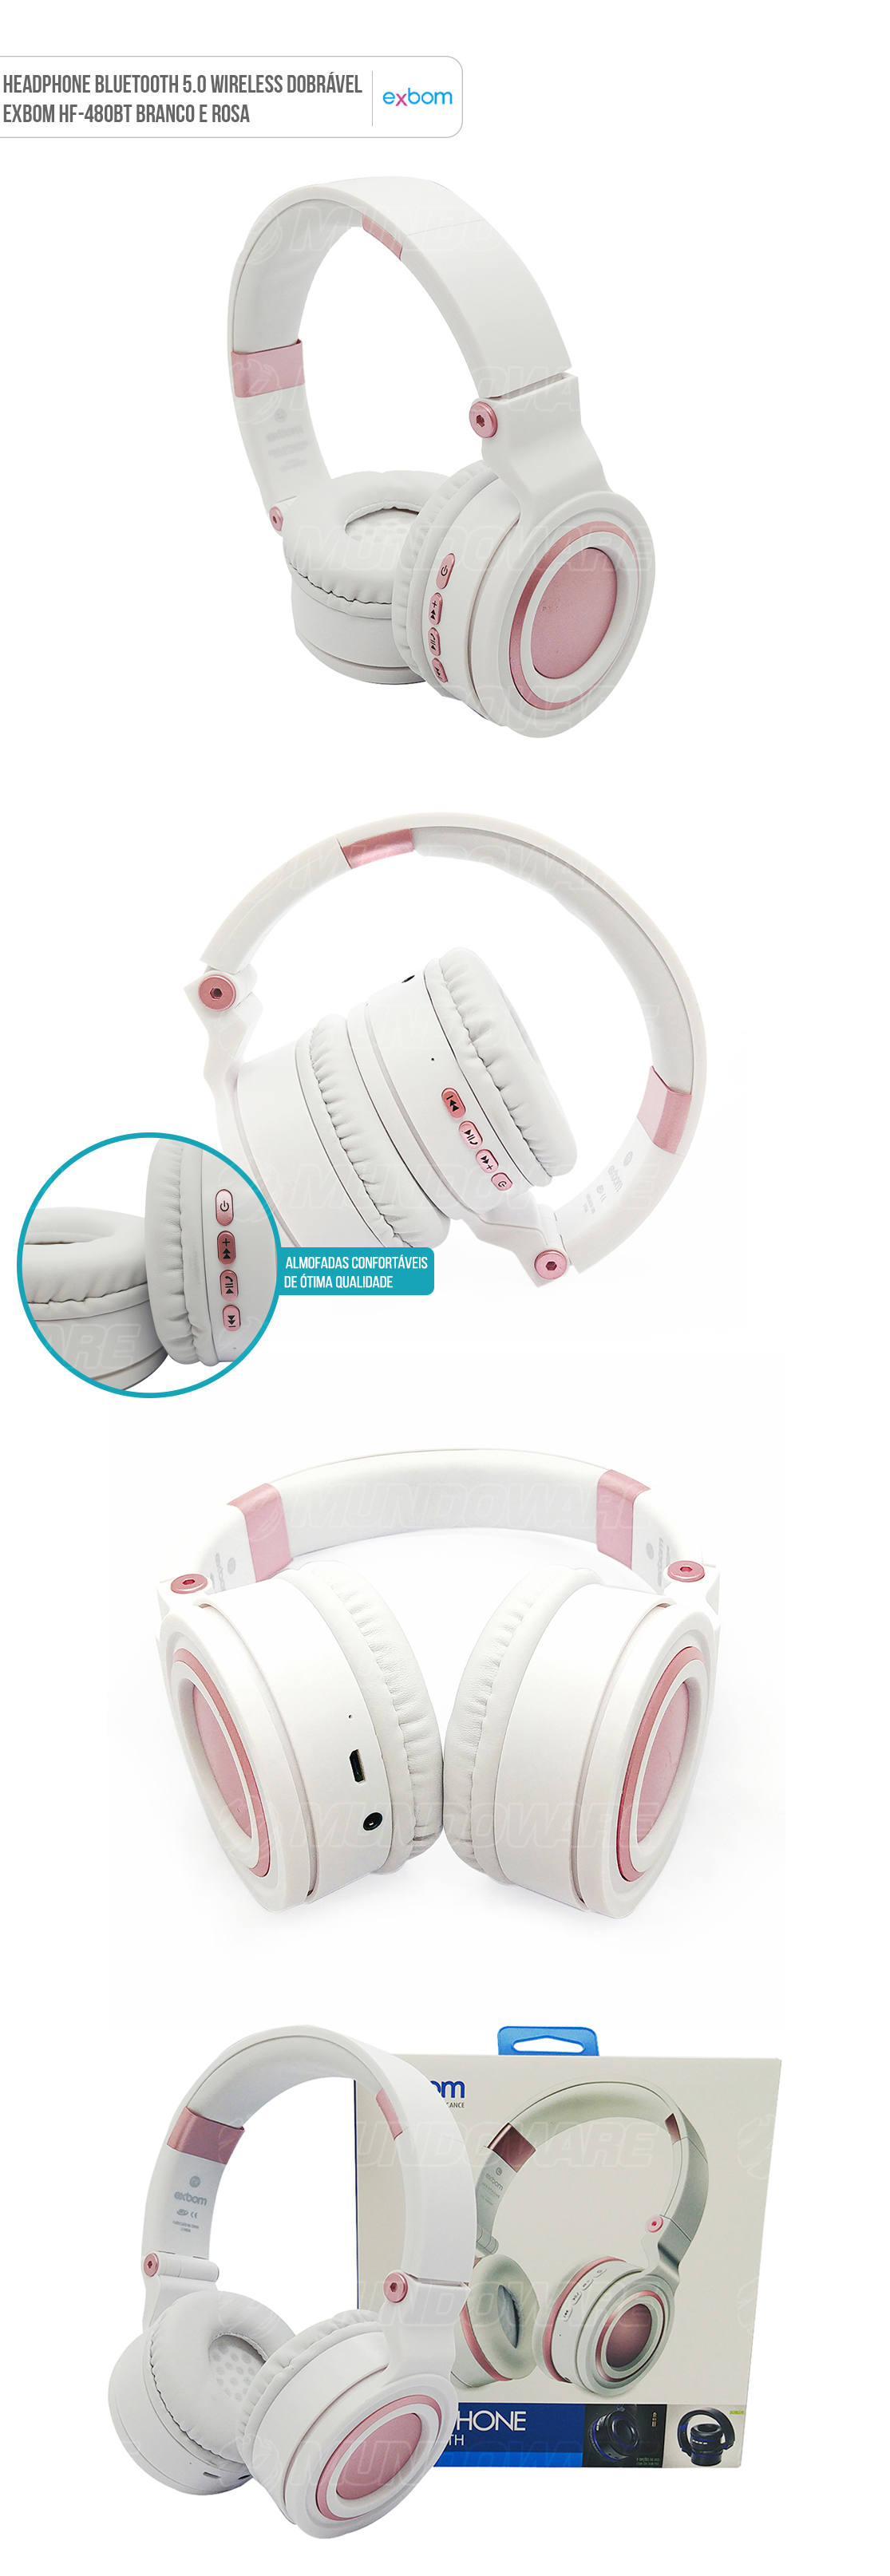 Headphone Bluetooth 5.0 Sem fio com bateria interna e alças dobráveis HF-480br Branco com Rosal